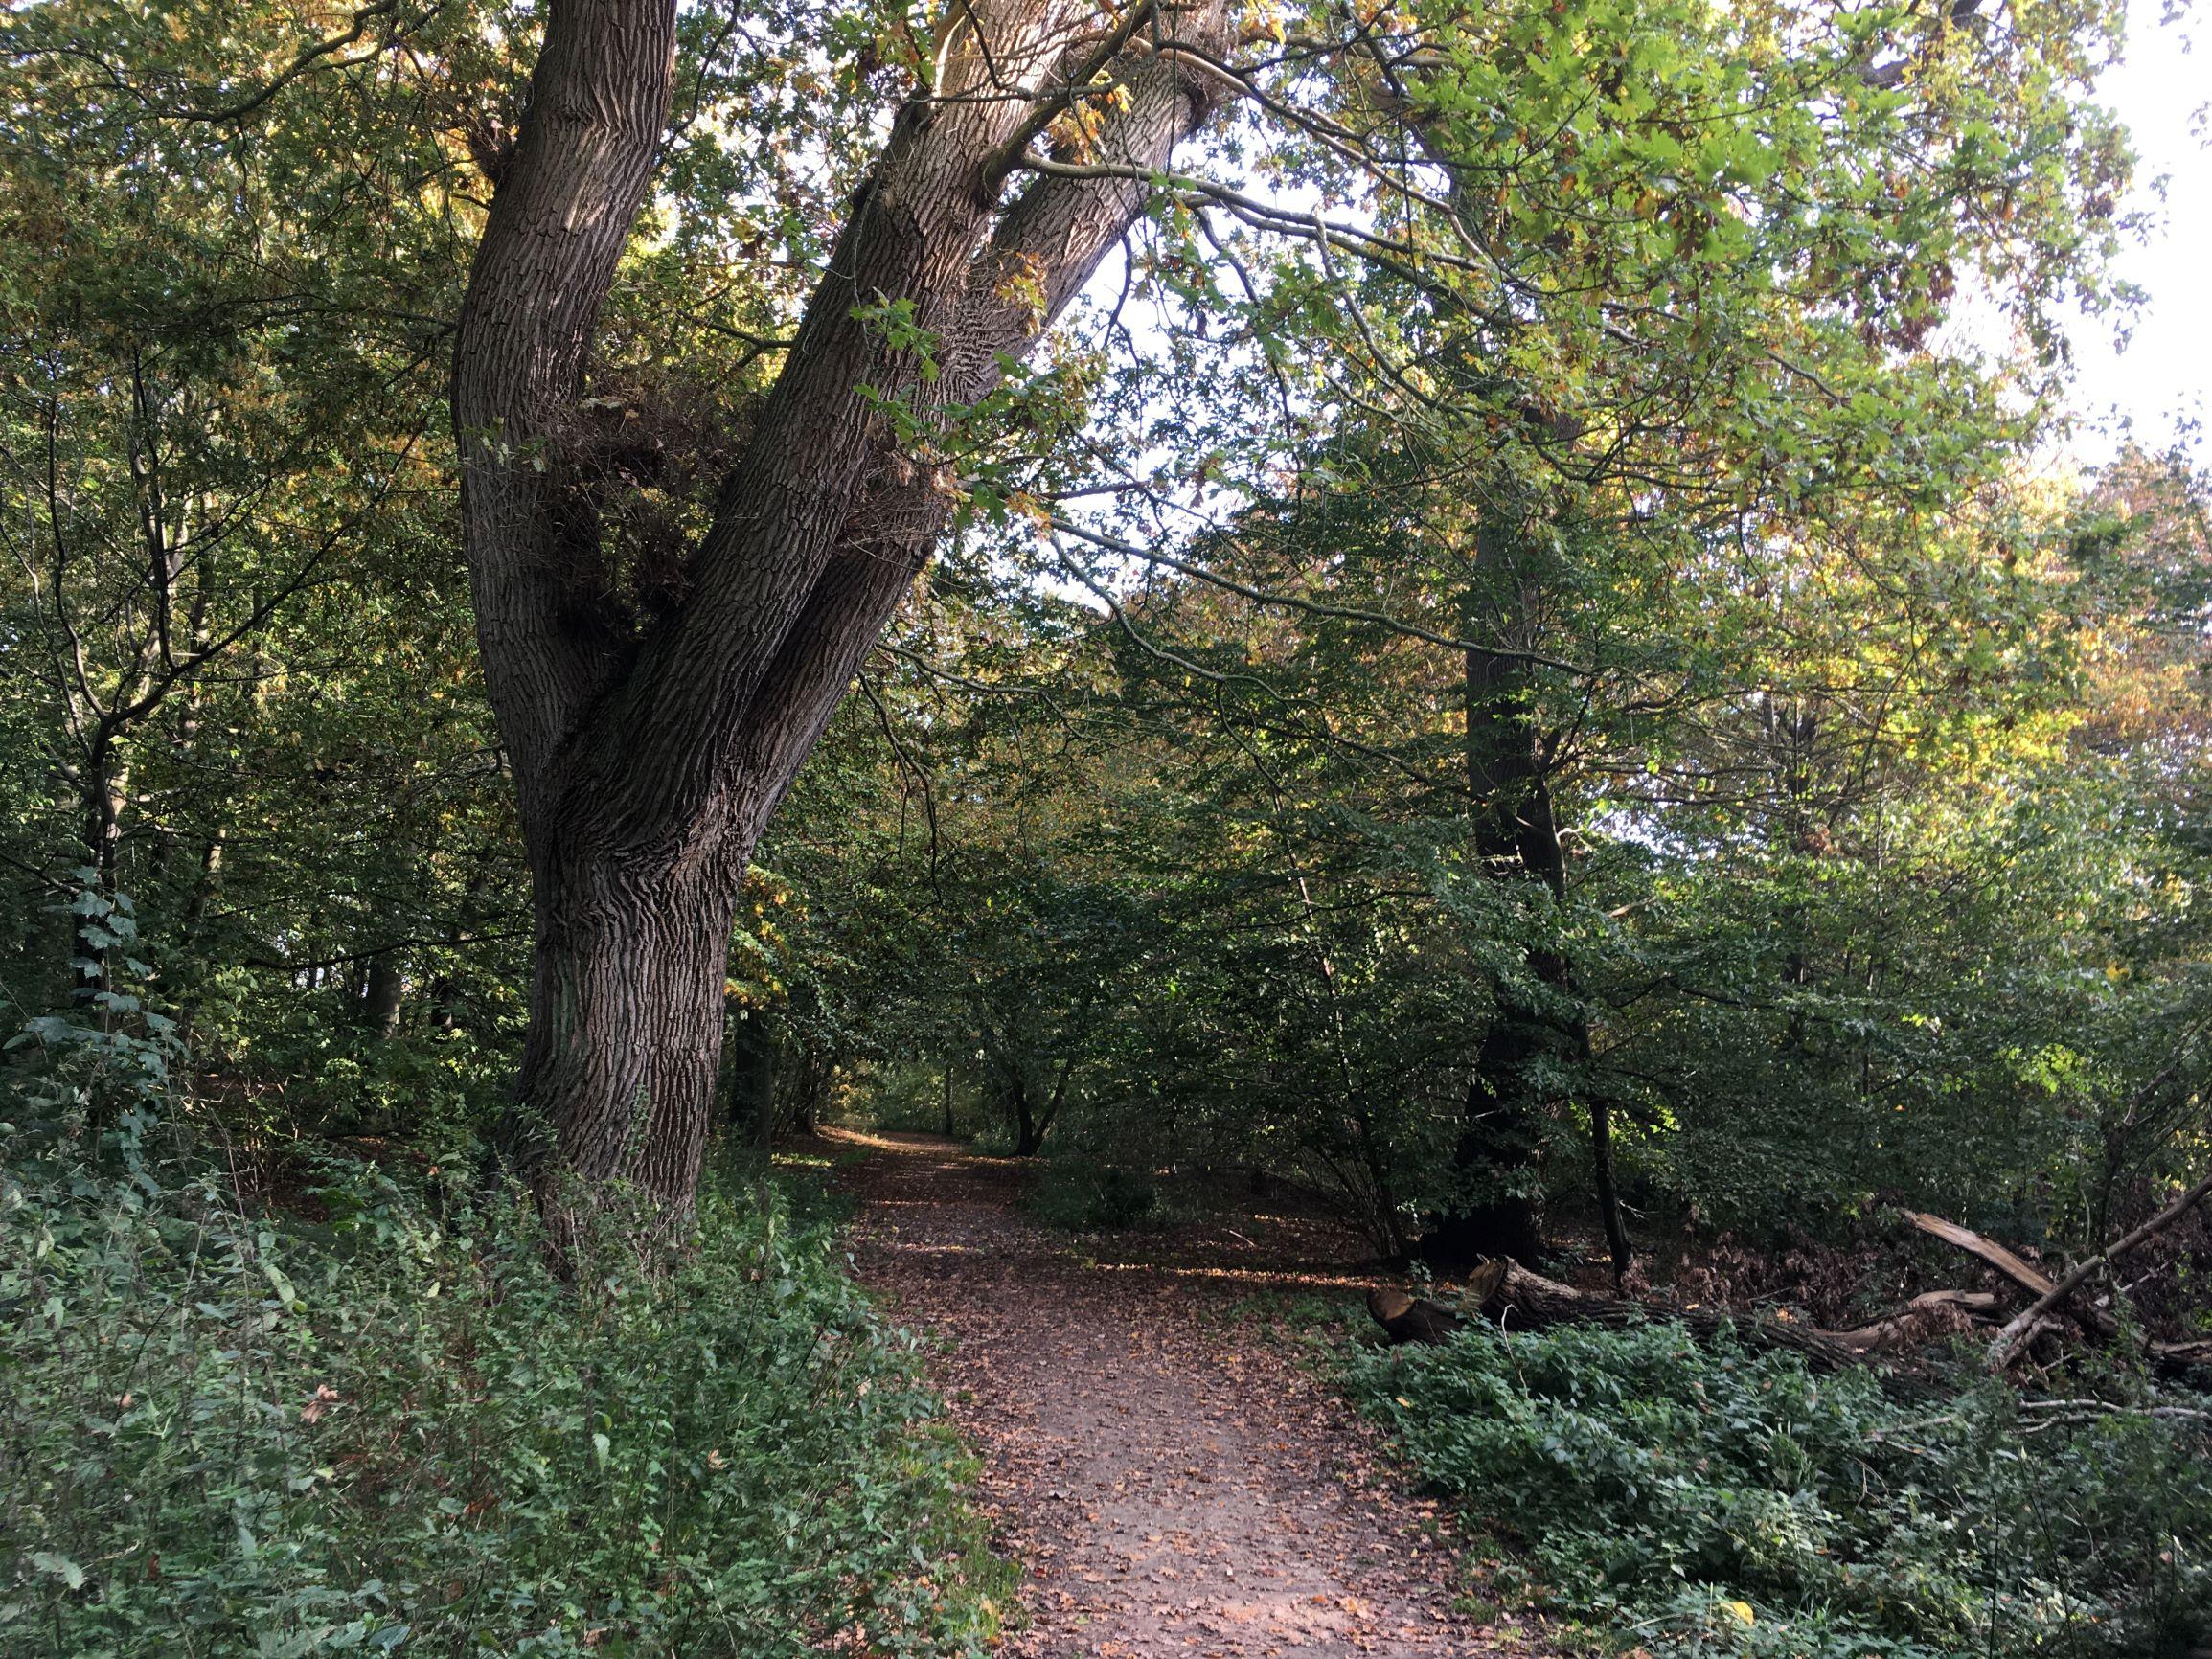 Unik løvskov med 350 år gamle træer og sjældne arter skal fredes